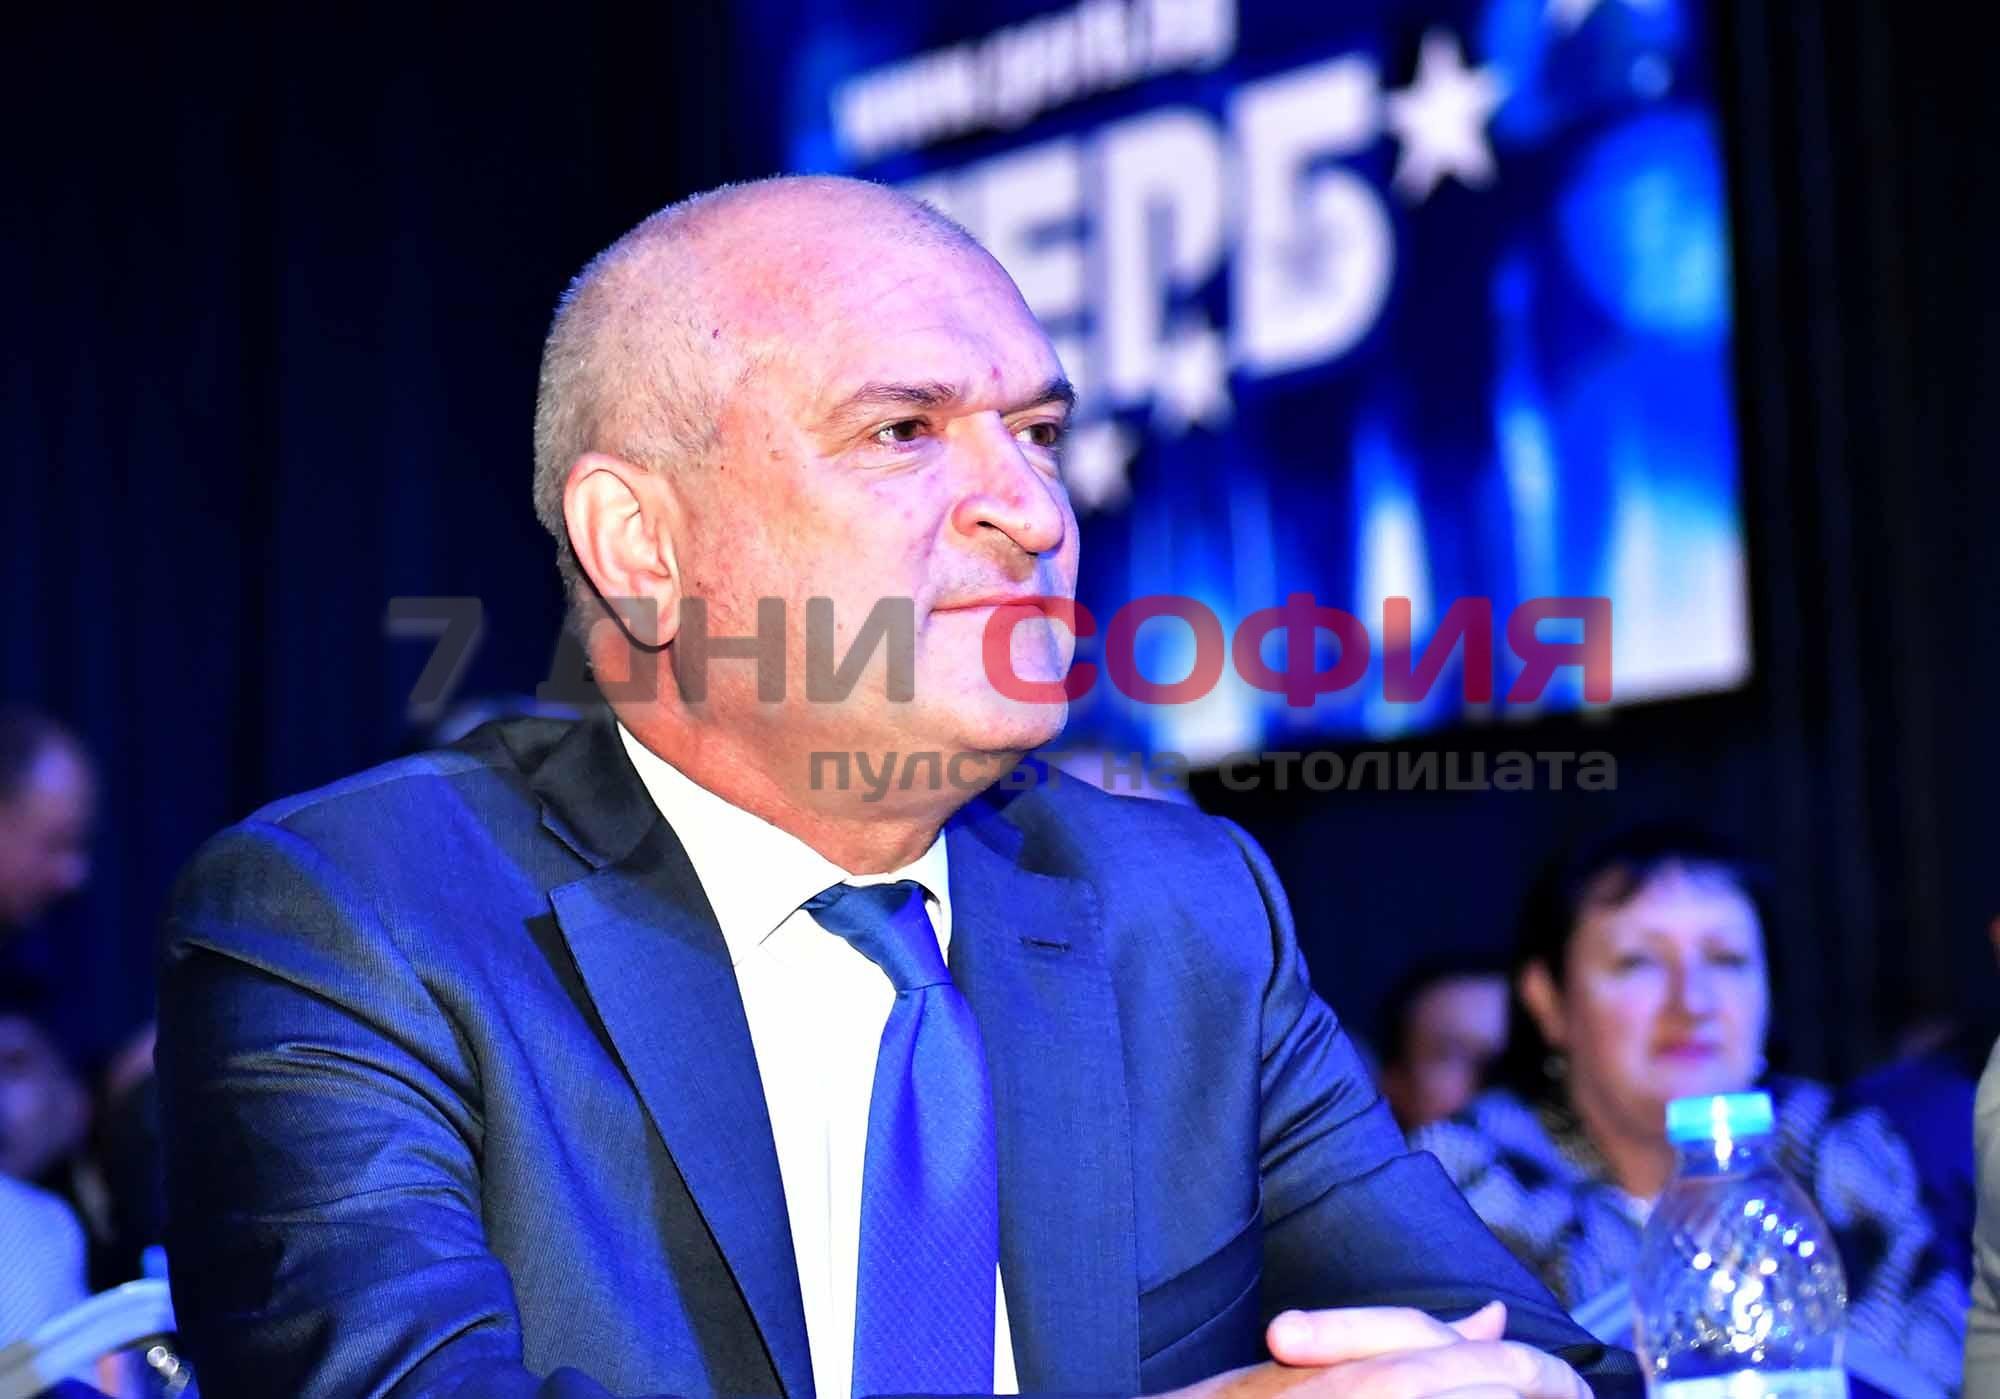 Бойко Борисовще защитава националните интереси в Москва, казаДимитър Главчевпо Канал